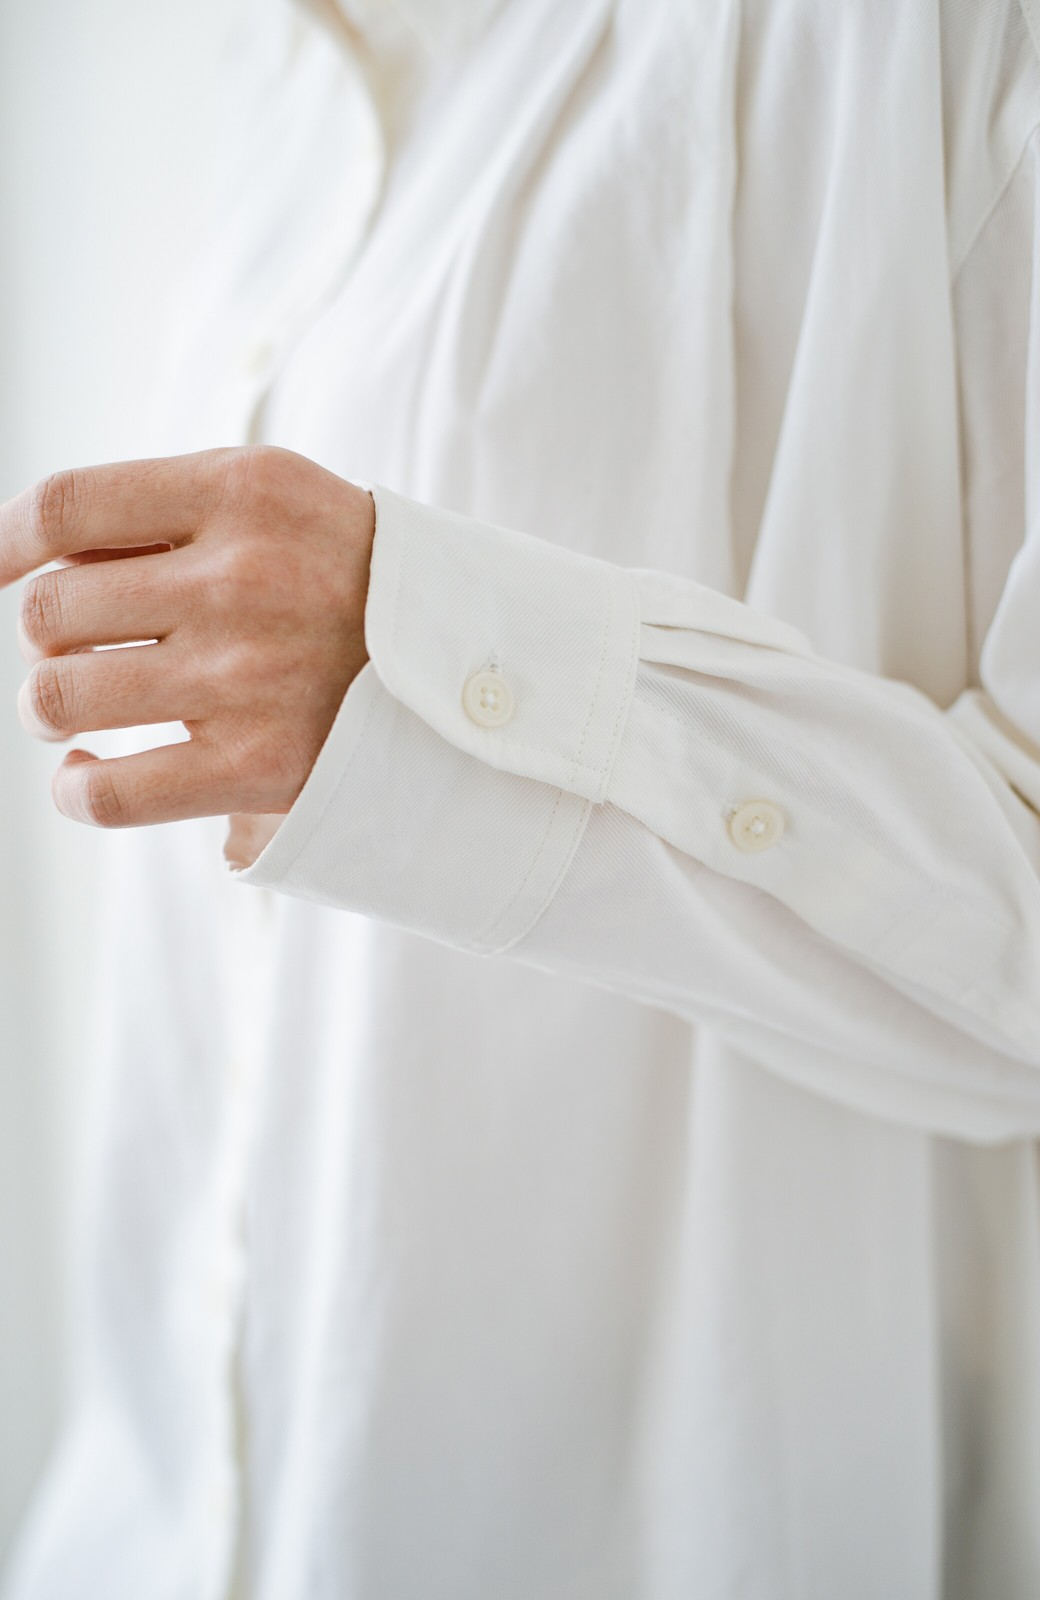 haco! ニットとのこなれた重ね着が簡単にできる!なめらか素材でつくった大人のためのシンプルシャツ <ホワイト>の商品写真8